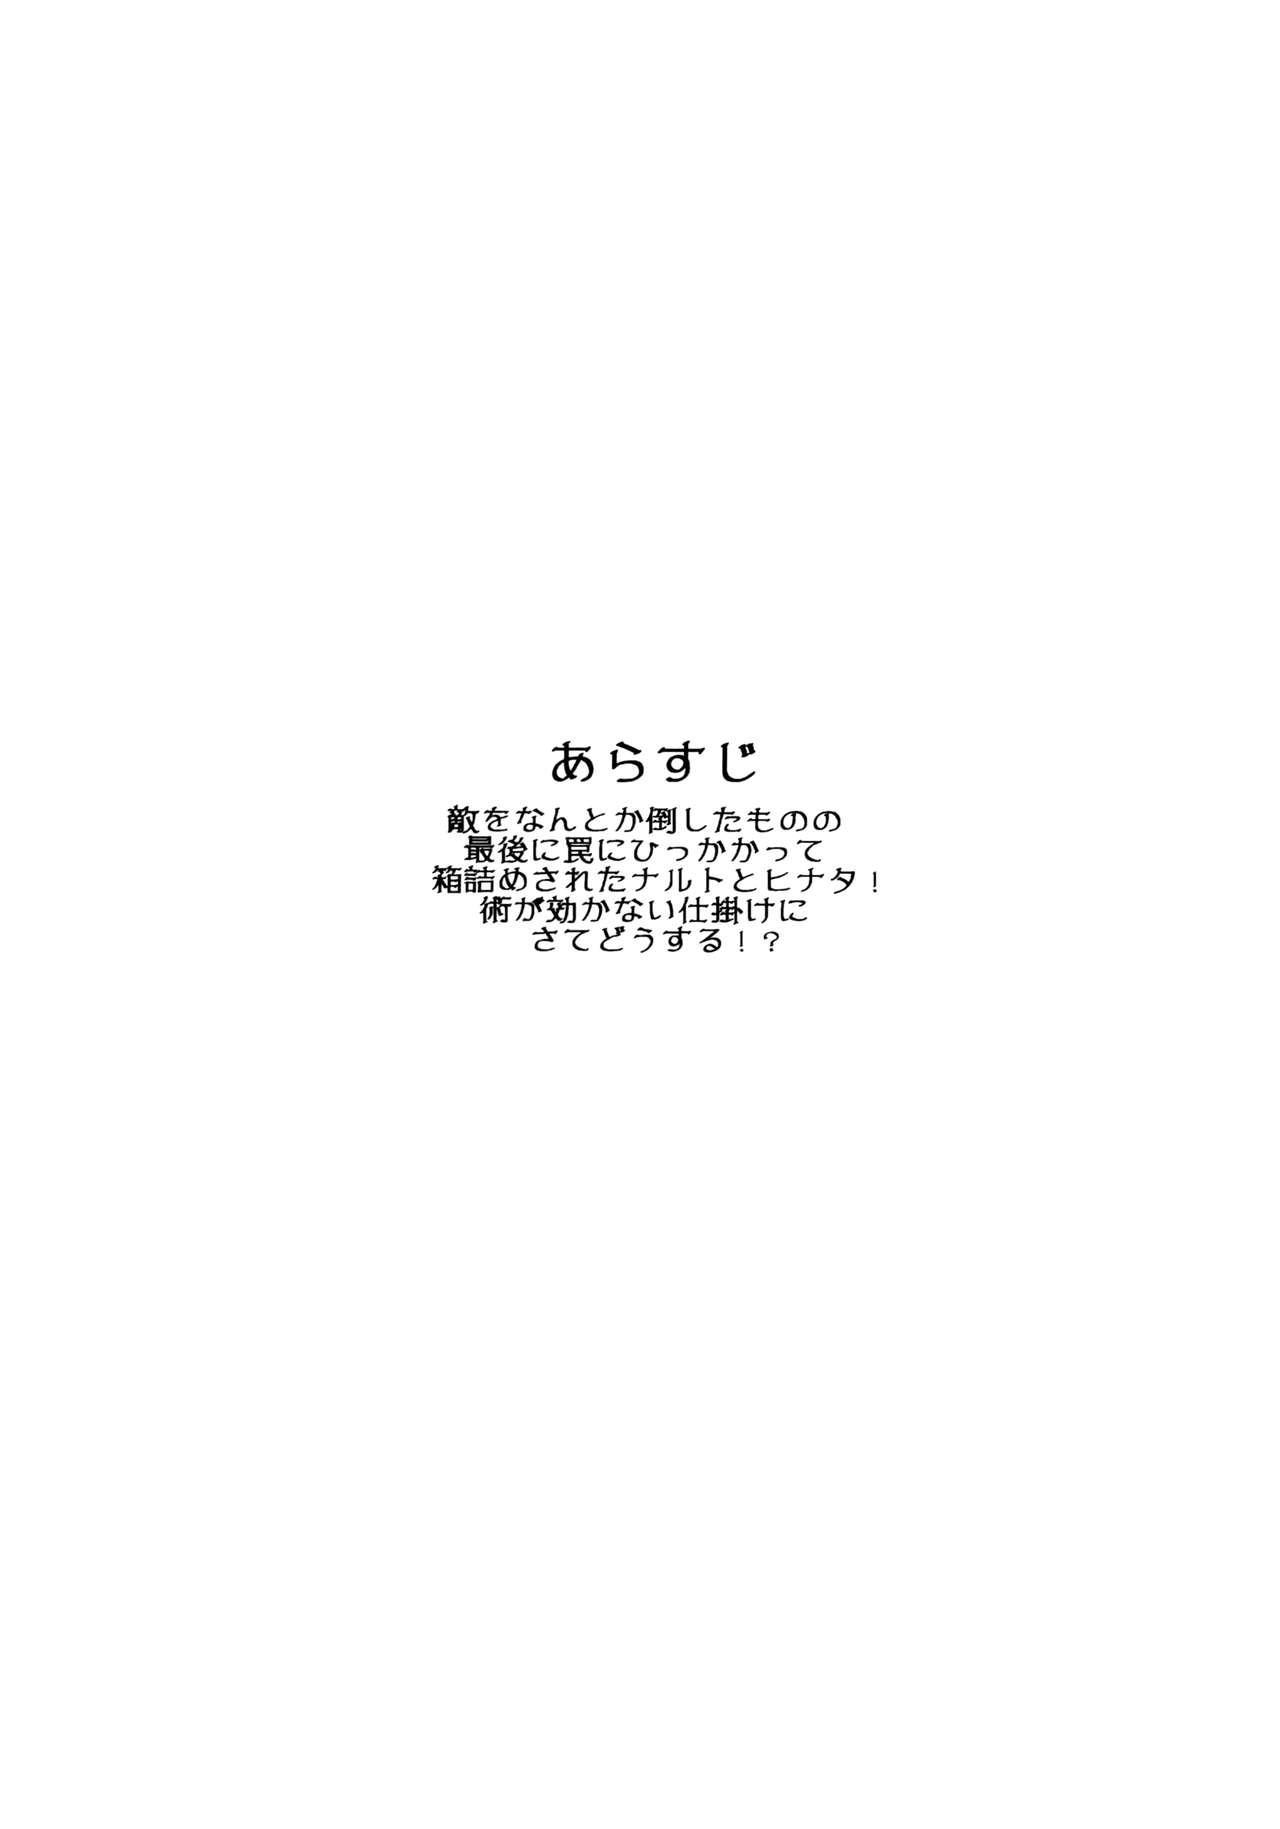 Fuyuiro Memories - Winter Color Memories 235